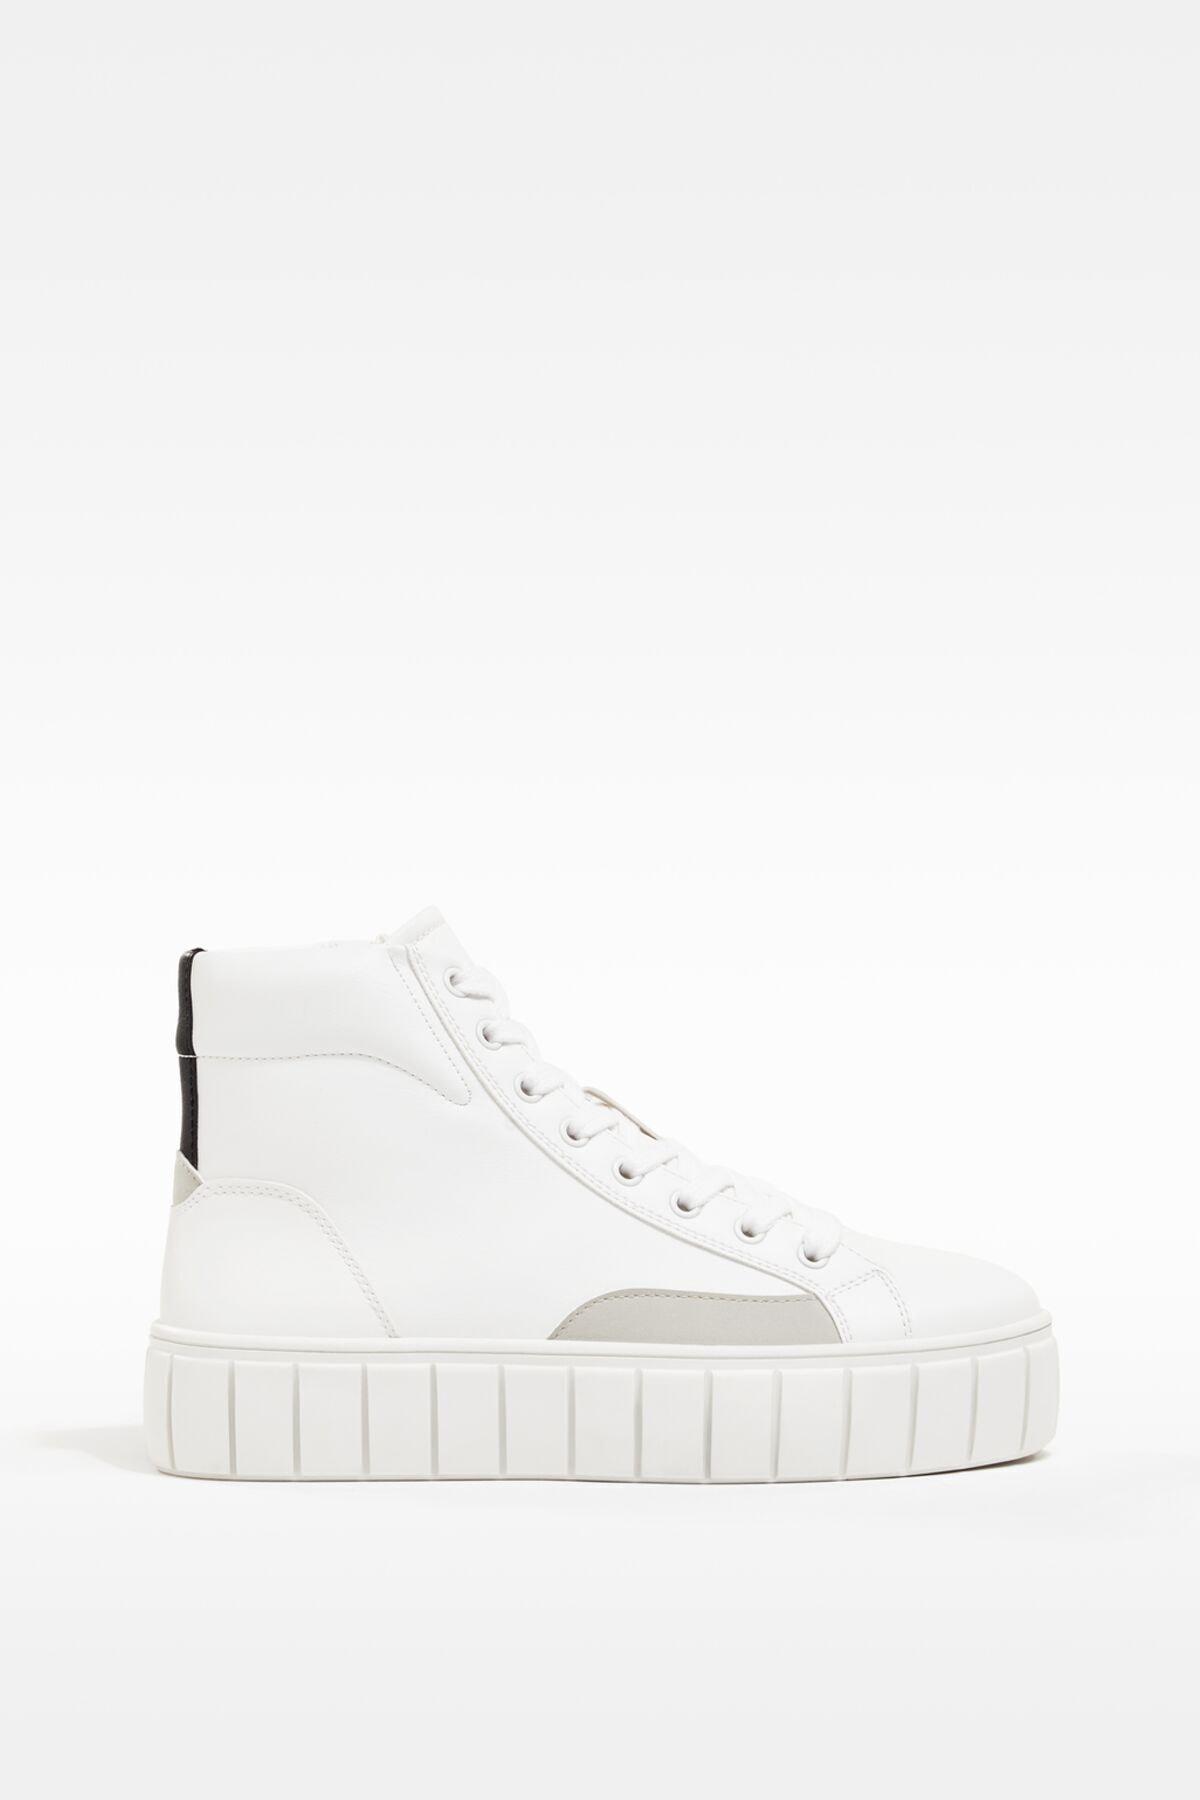 Bershka Kadın Beyaz Platformlu Yüksek Bilekli Spor Ayakkabı 1